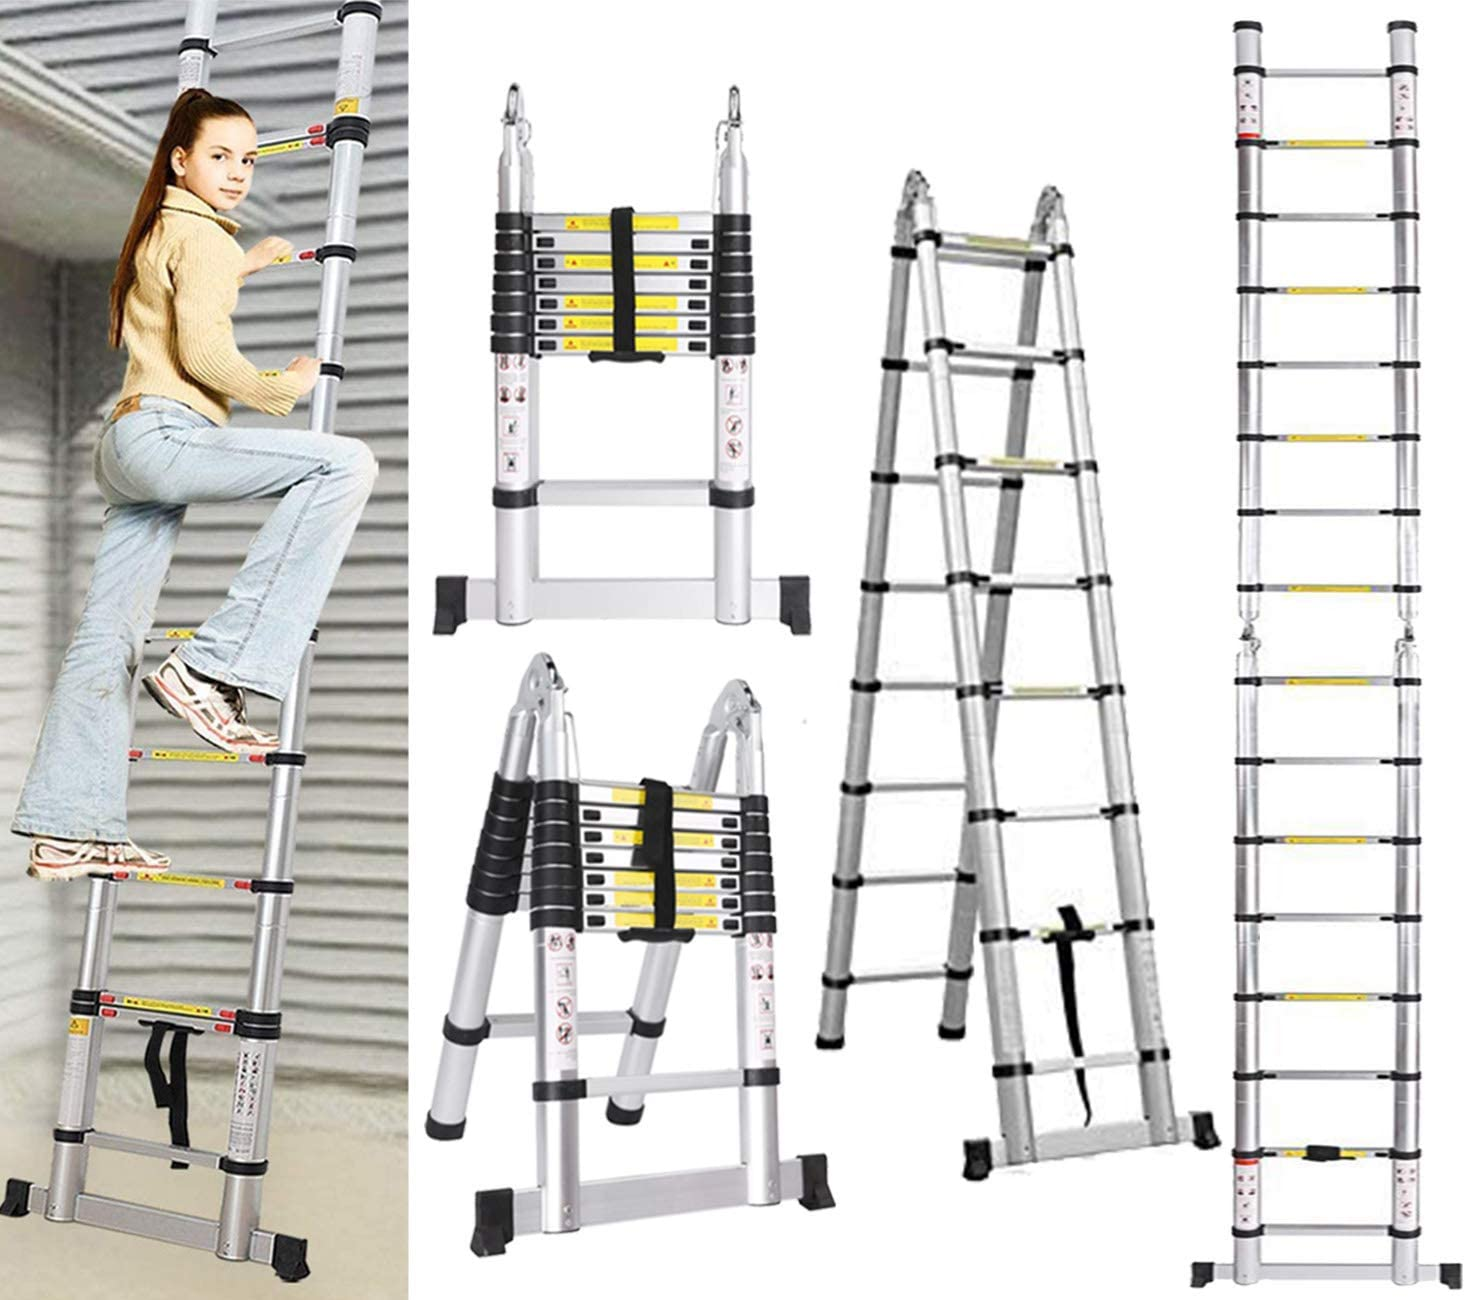 5M Escalera Plegable Aluminio, Escalera Extensión telescópica de aluminio Escaleras Telescópicas, Escalera Alta multifunción Portátil para Loft Escaleras Extensibles, 150kg